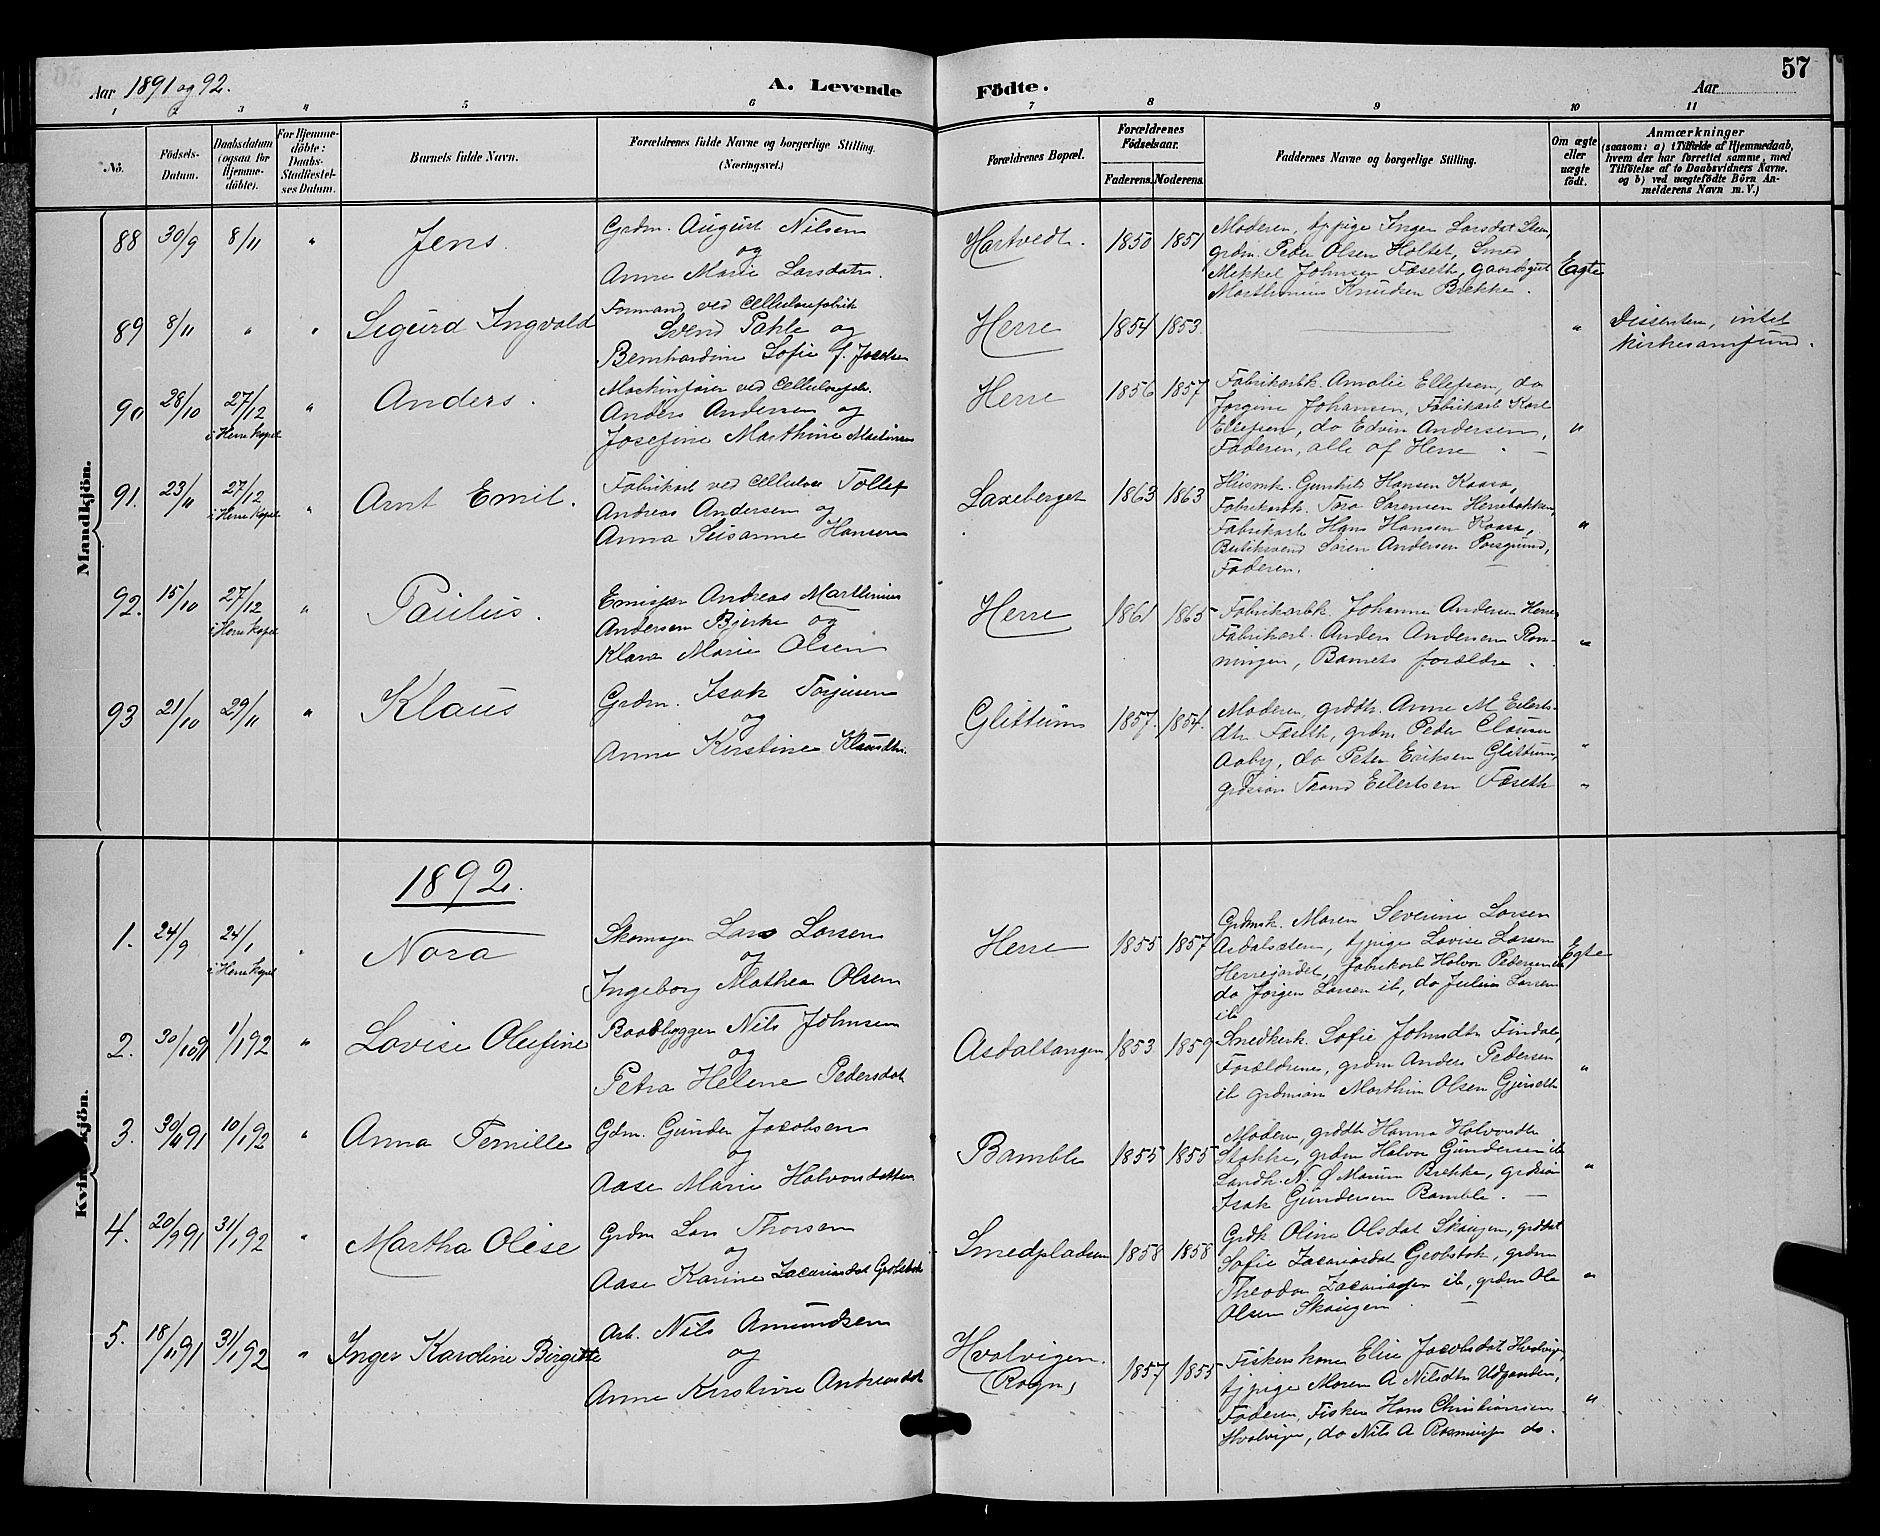 SAKO, Bamble kirkebøker, G/Ga/L0009: Klokkerbok nr. I 9, 1888-1900, s. 57